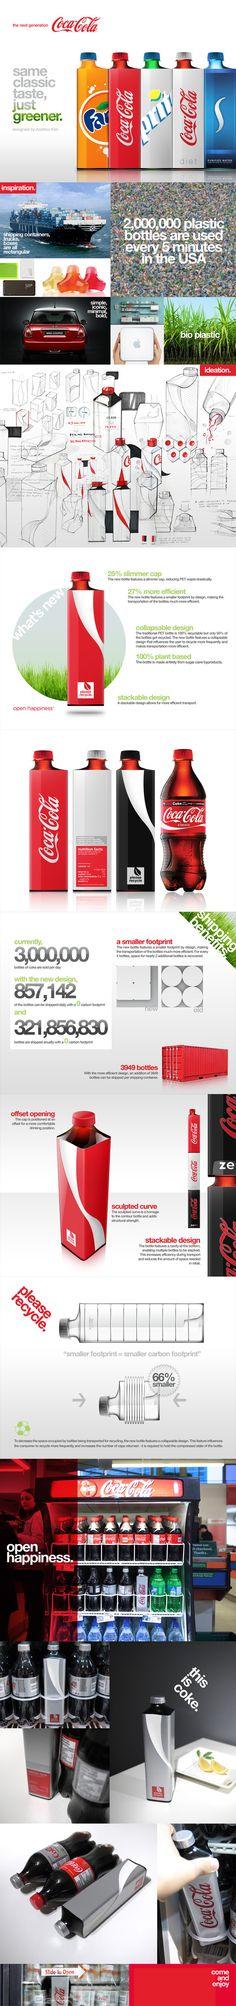 Eco-friendly packaging design idea for Coke bottles by student designer Andrew Kim